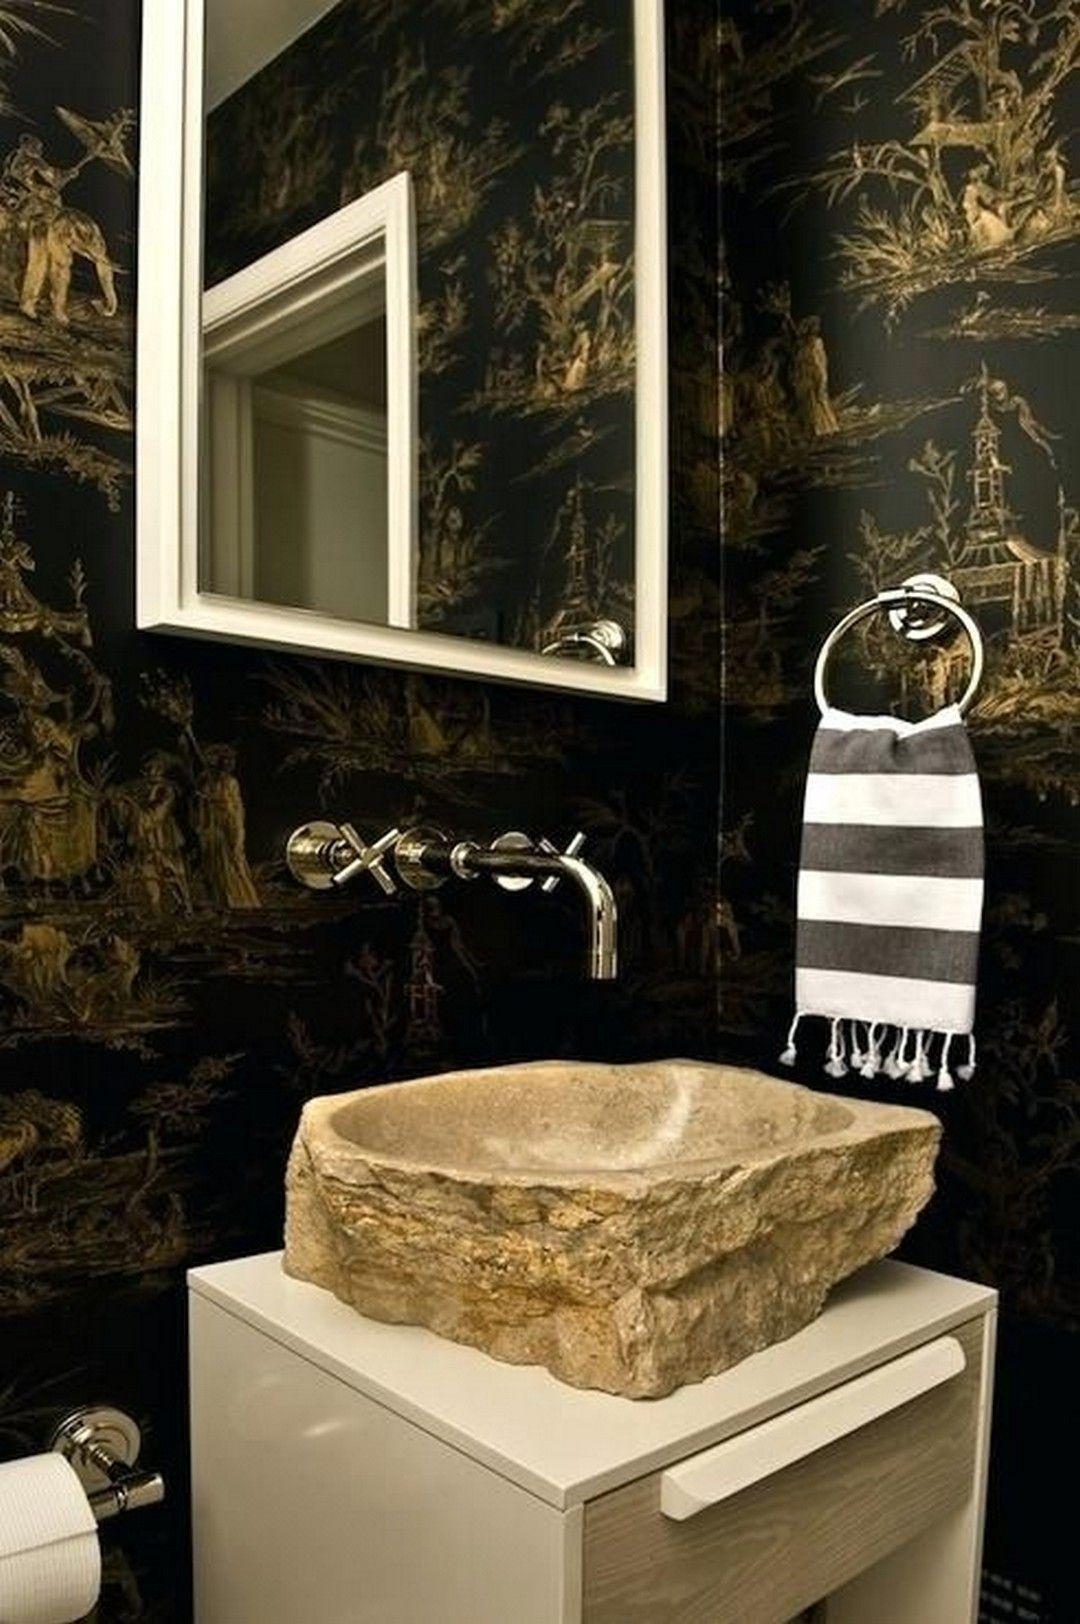 Stonevesselbathroomsinks Ungewohnliche Bader Waschbecken Design